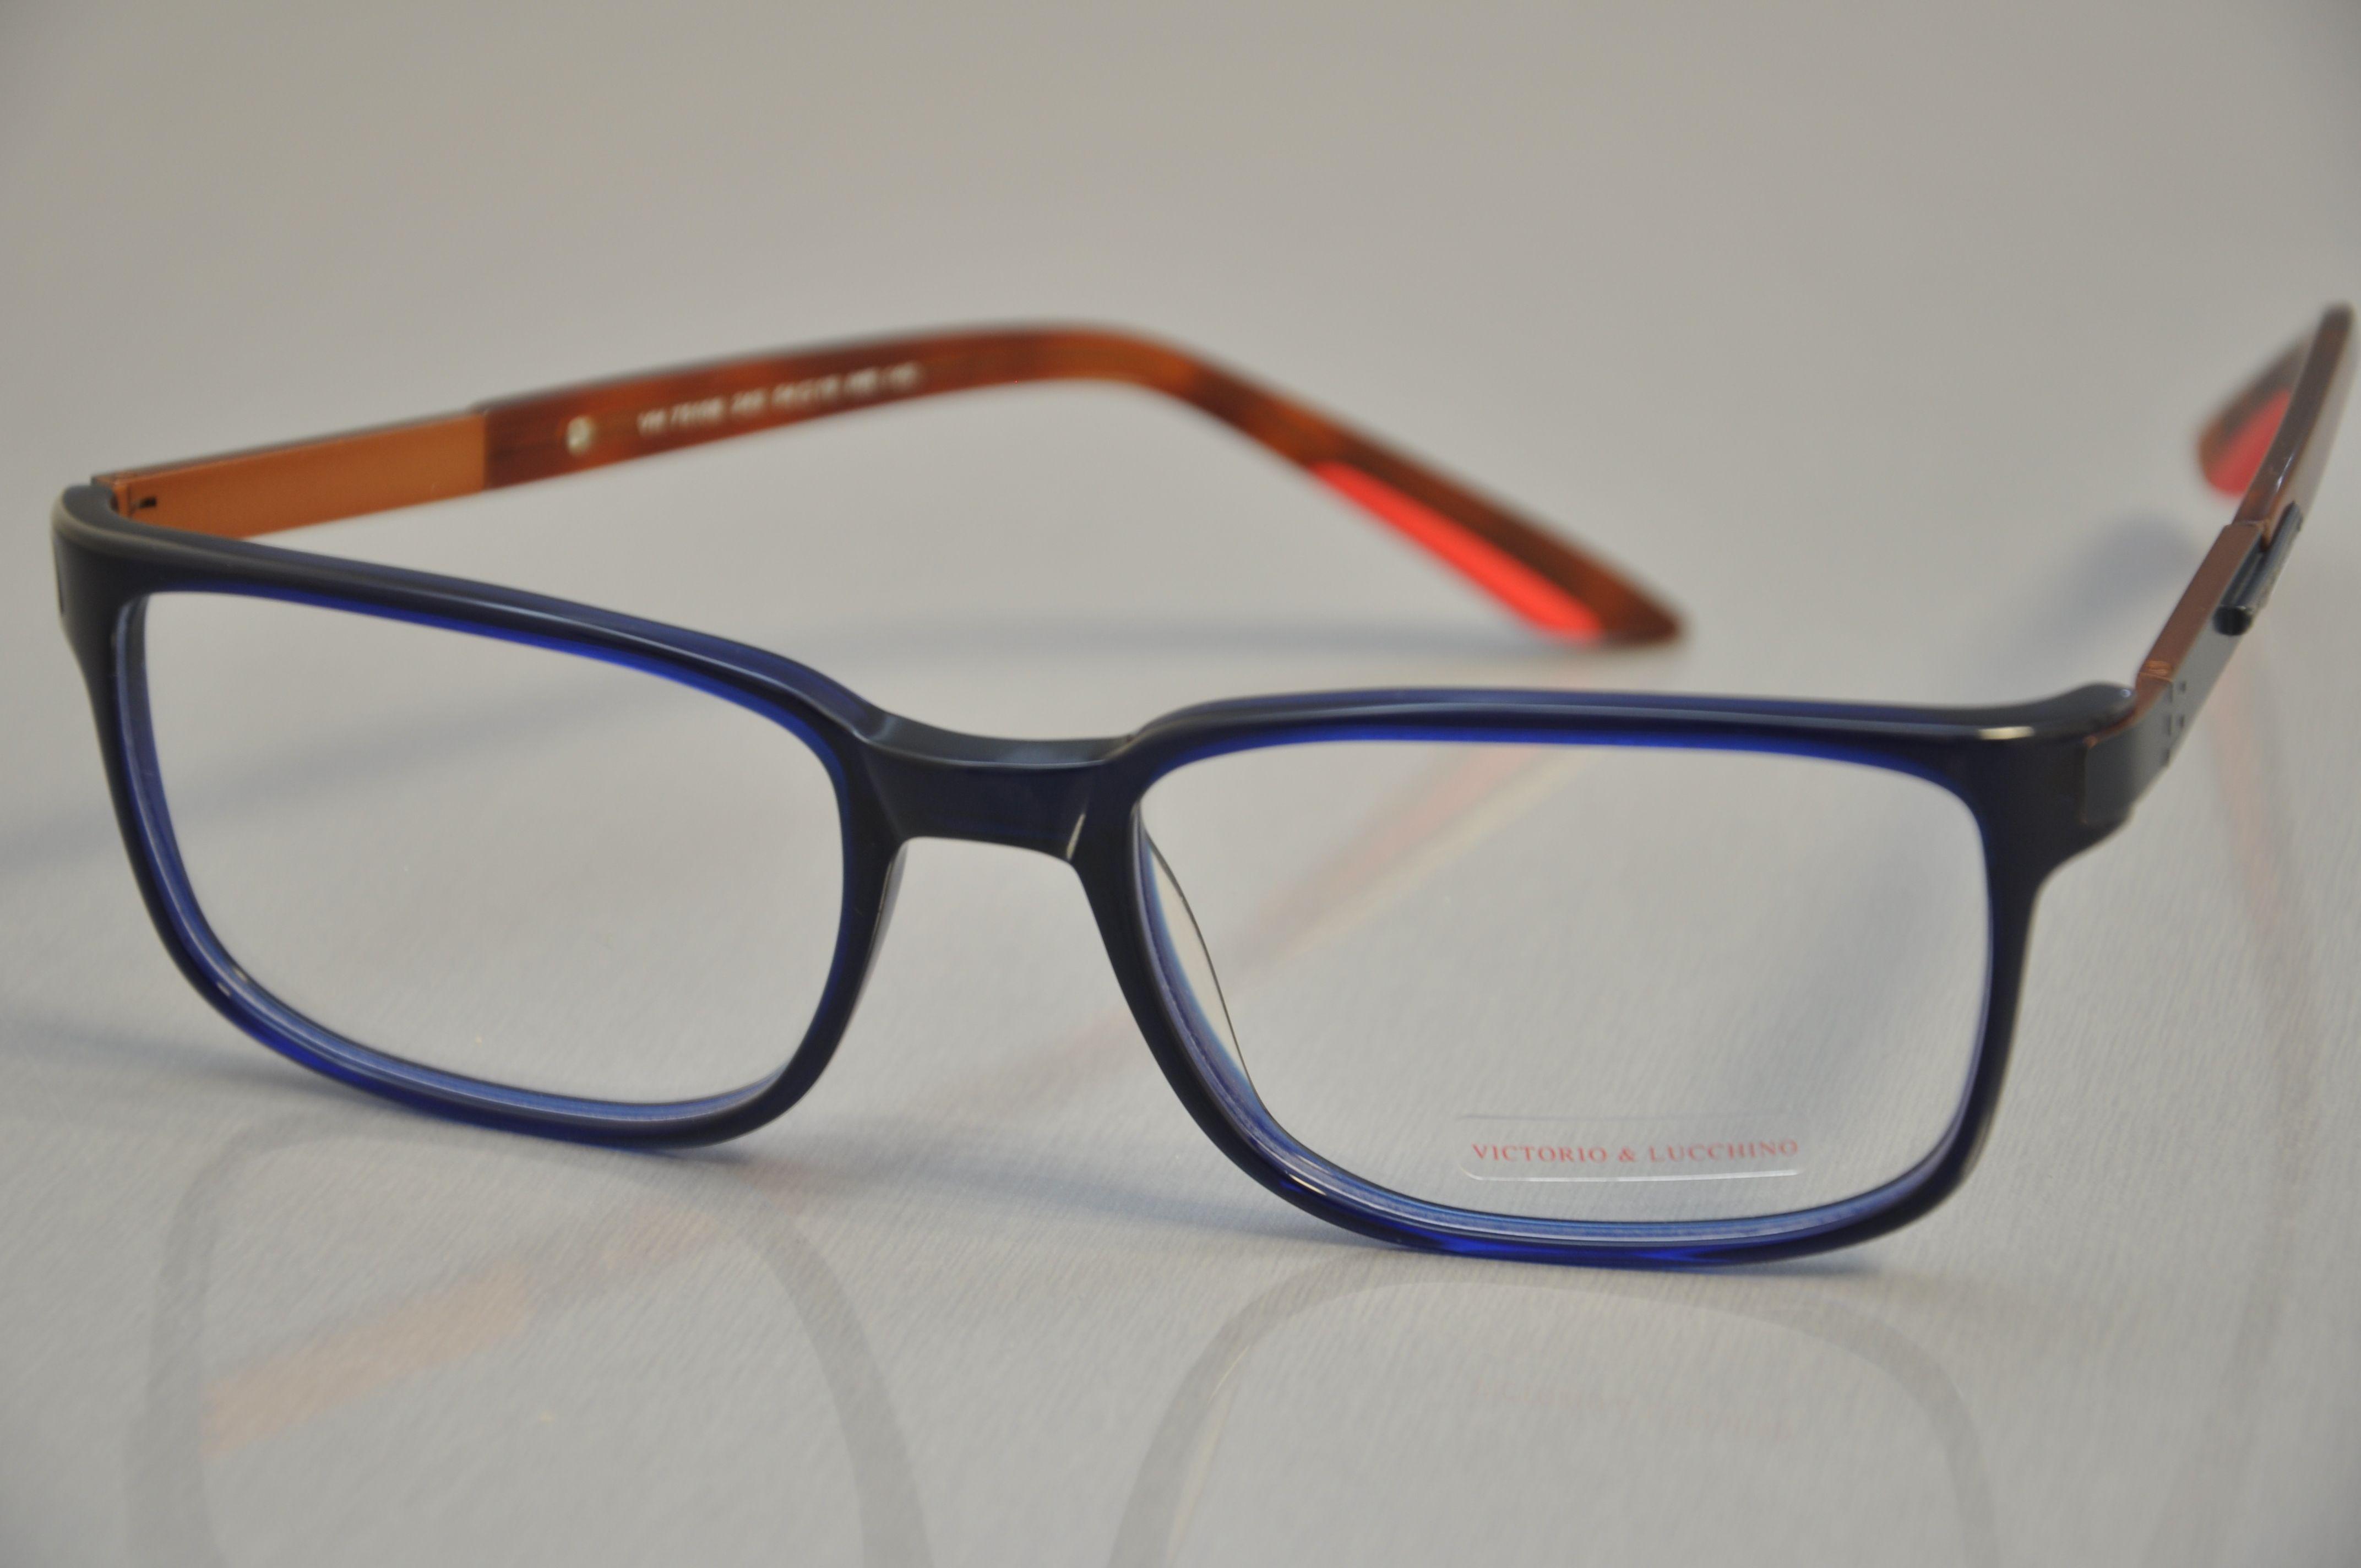 Montura de Victorio & Lucchino | monturas de gafas | Pinterest ...